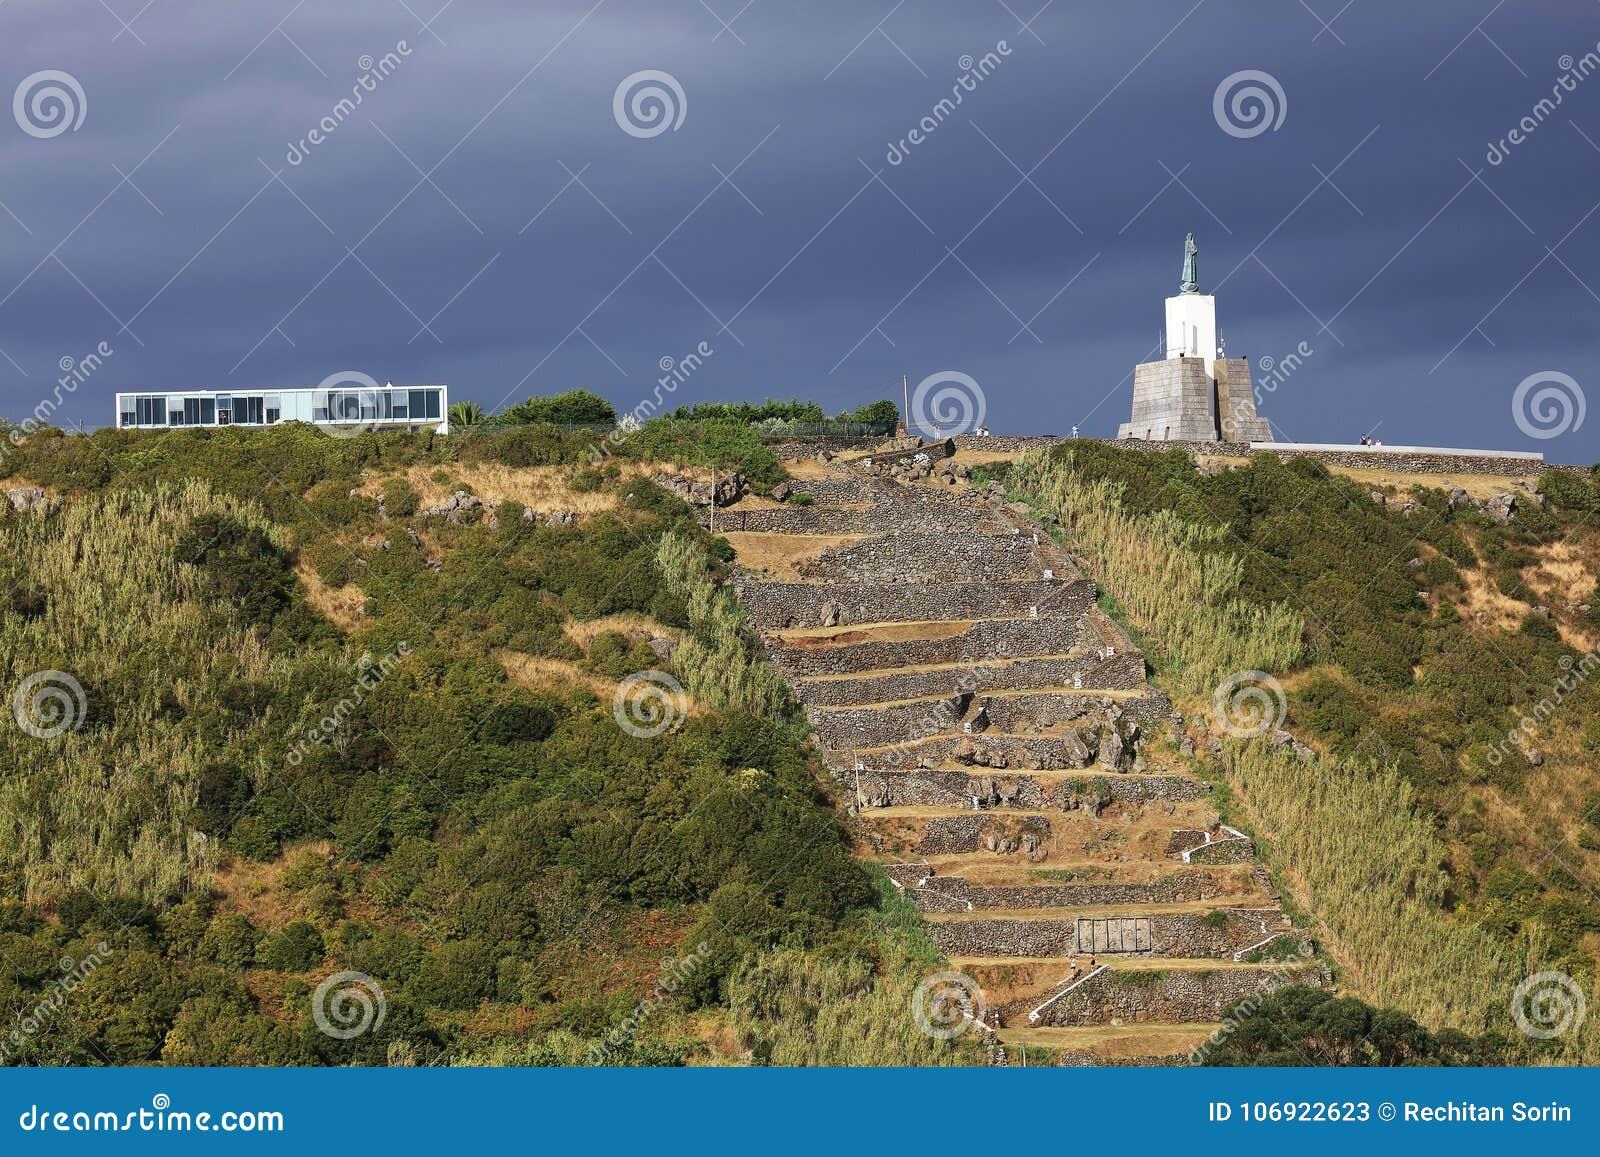 Vitoria miejscowość nadmorska, architektoniczny szczegół w Terceira wyspie